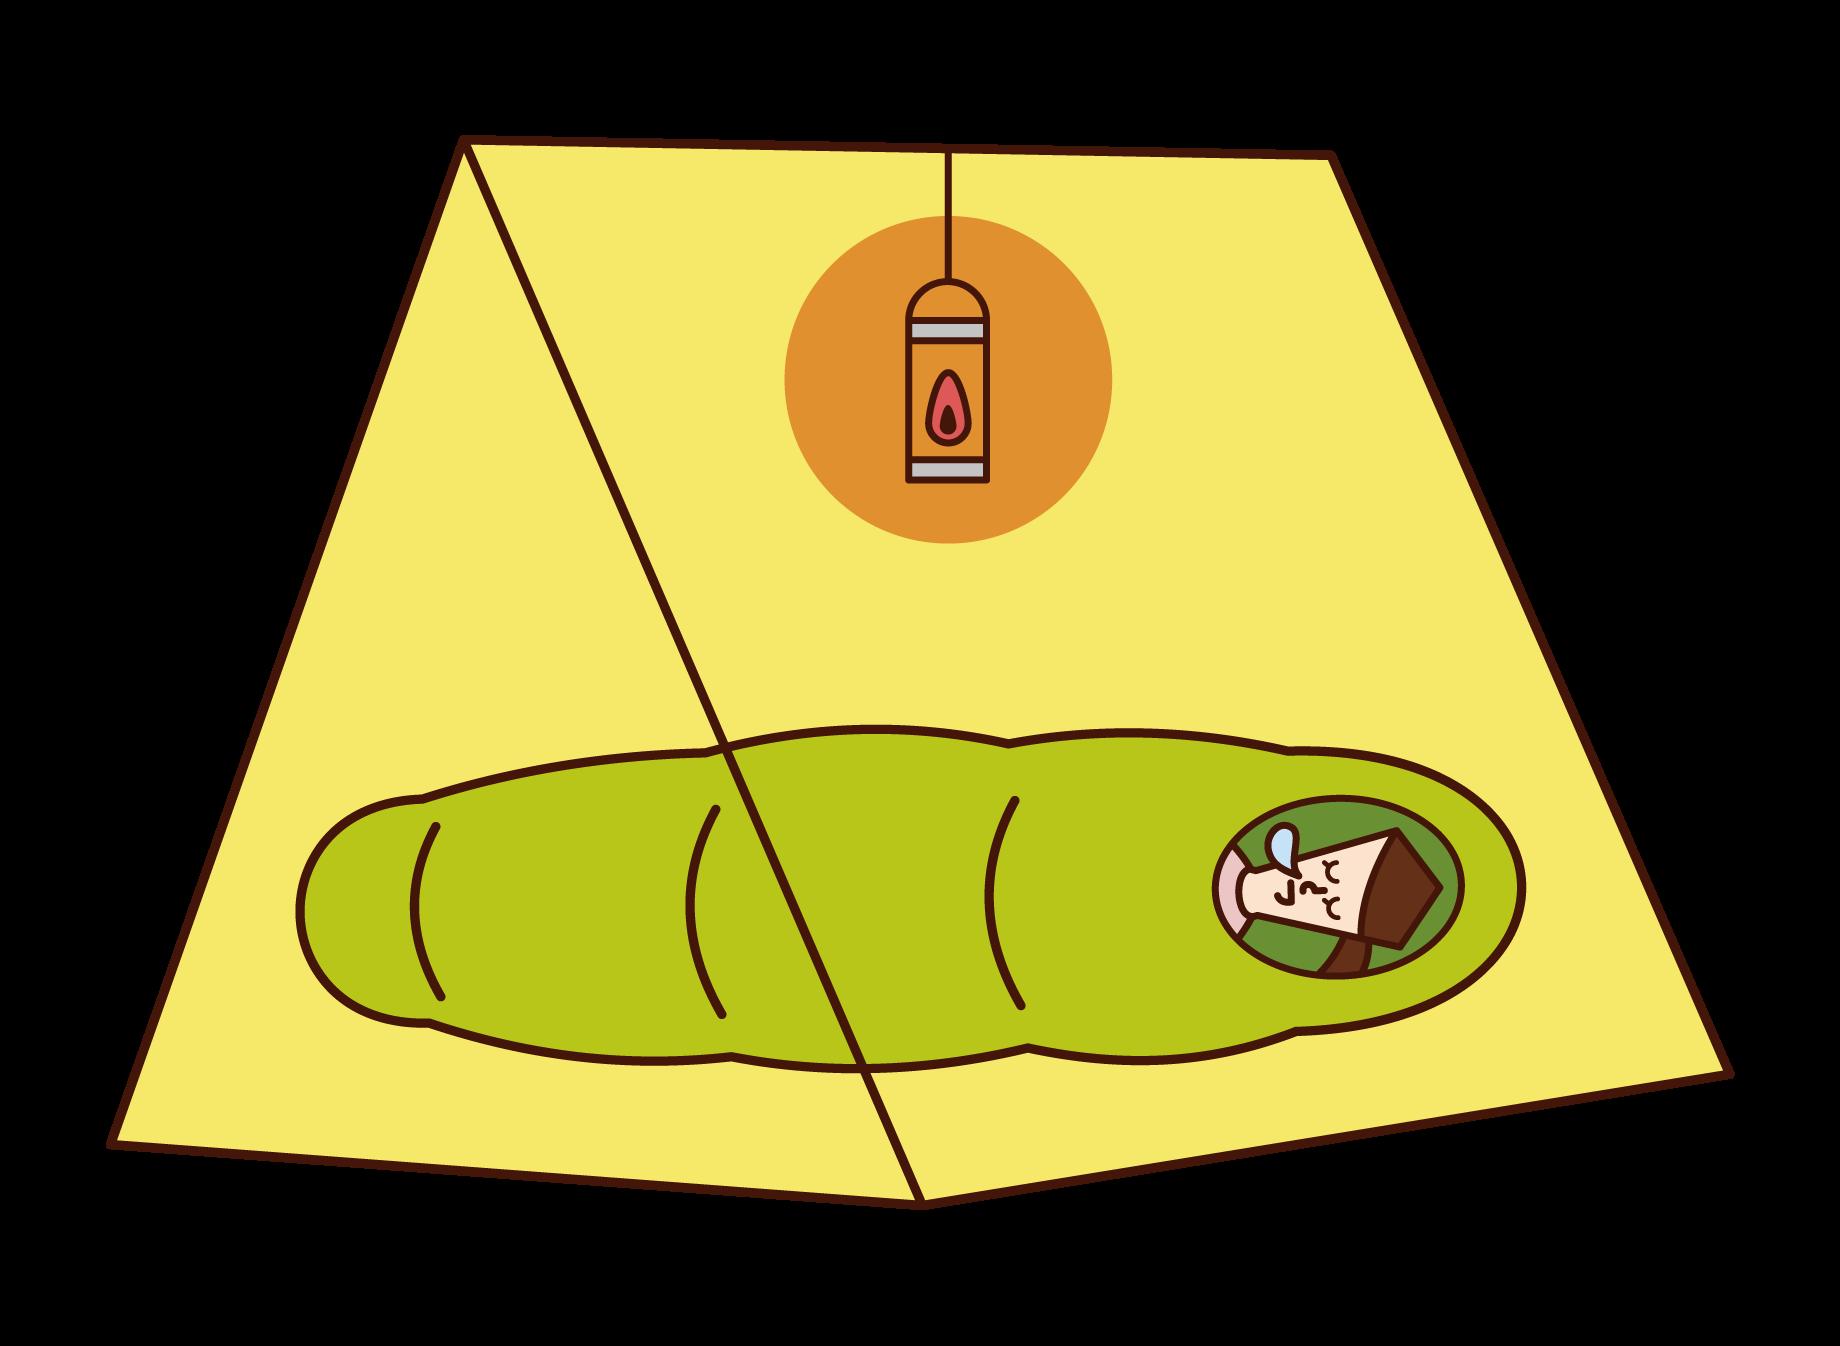 テントの中で寝る人(女性)のイラスト